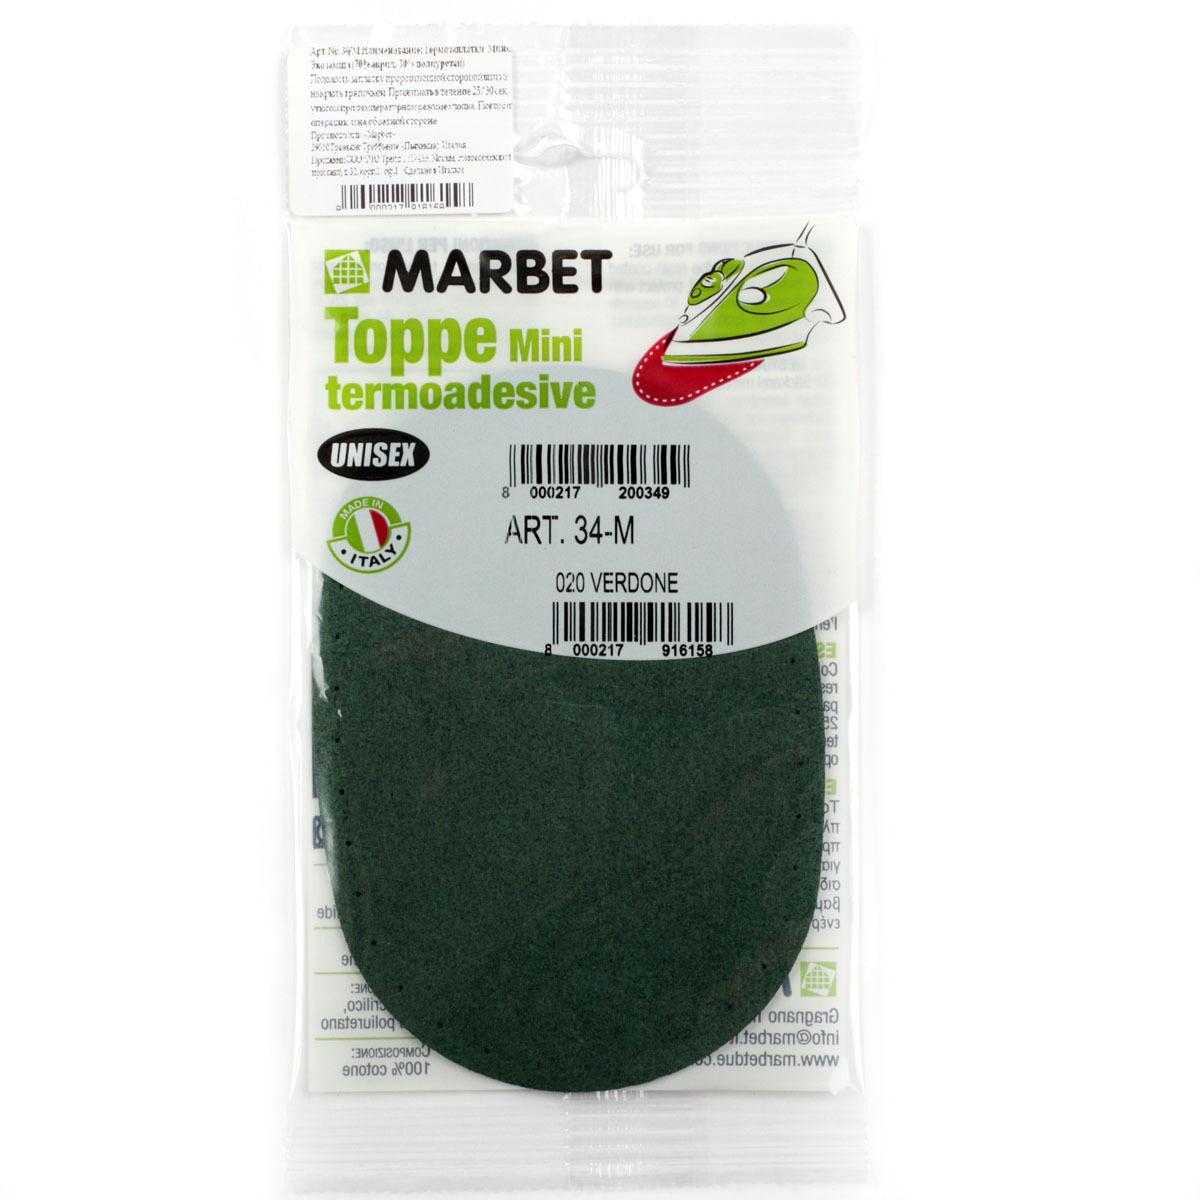 Термозаплатка Marbet Мини. Экозамша, 13 х 8,5 см, цвет: темно-зеленый. 34-M заплатка marbet самоклеющаяся цвет васильковый 16 х 10 см 123